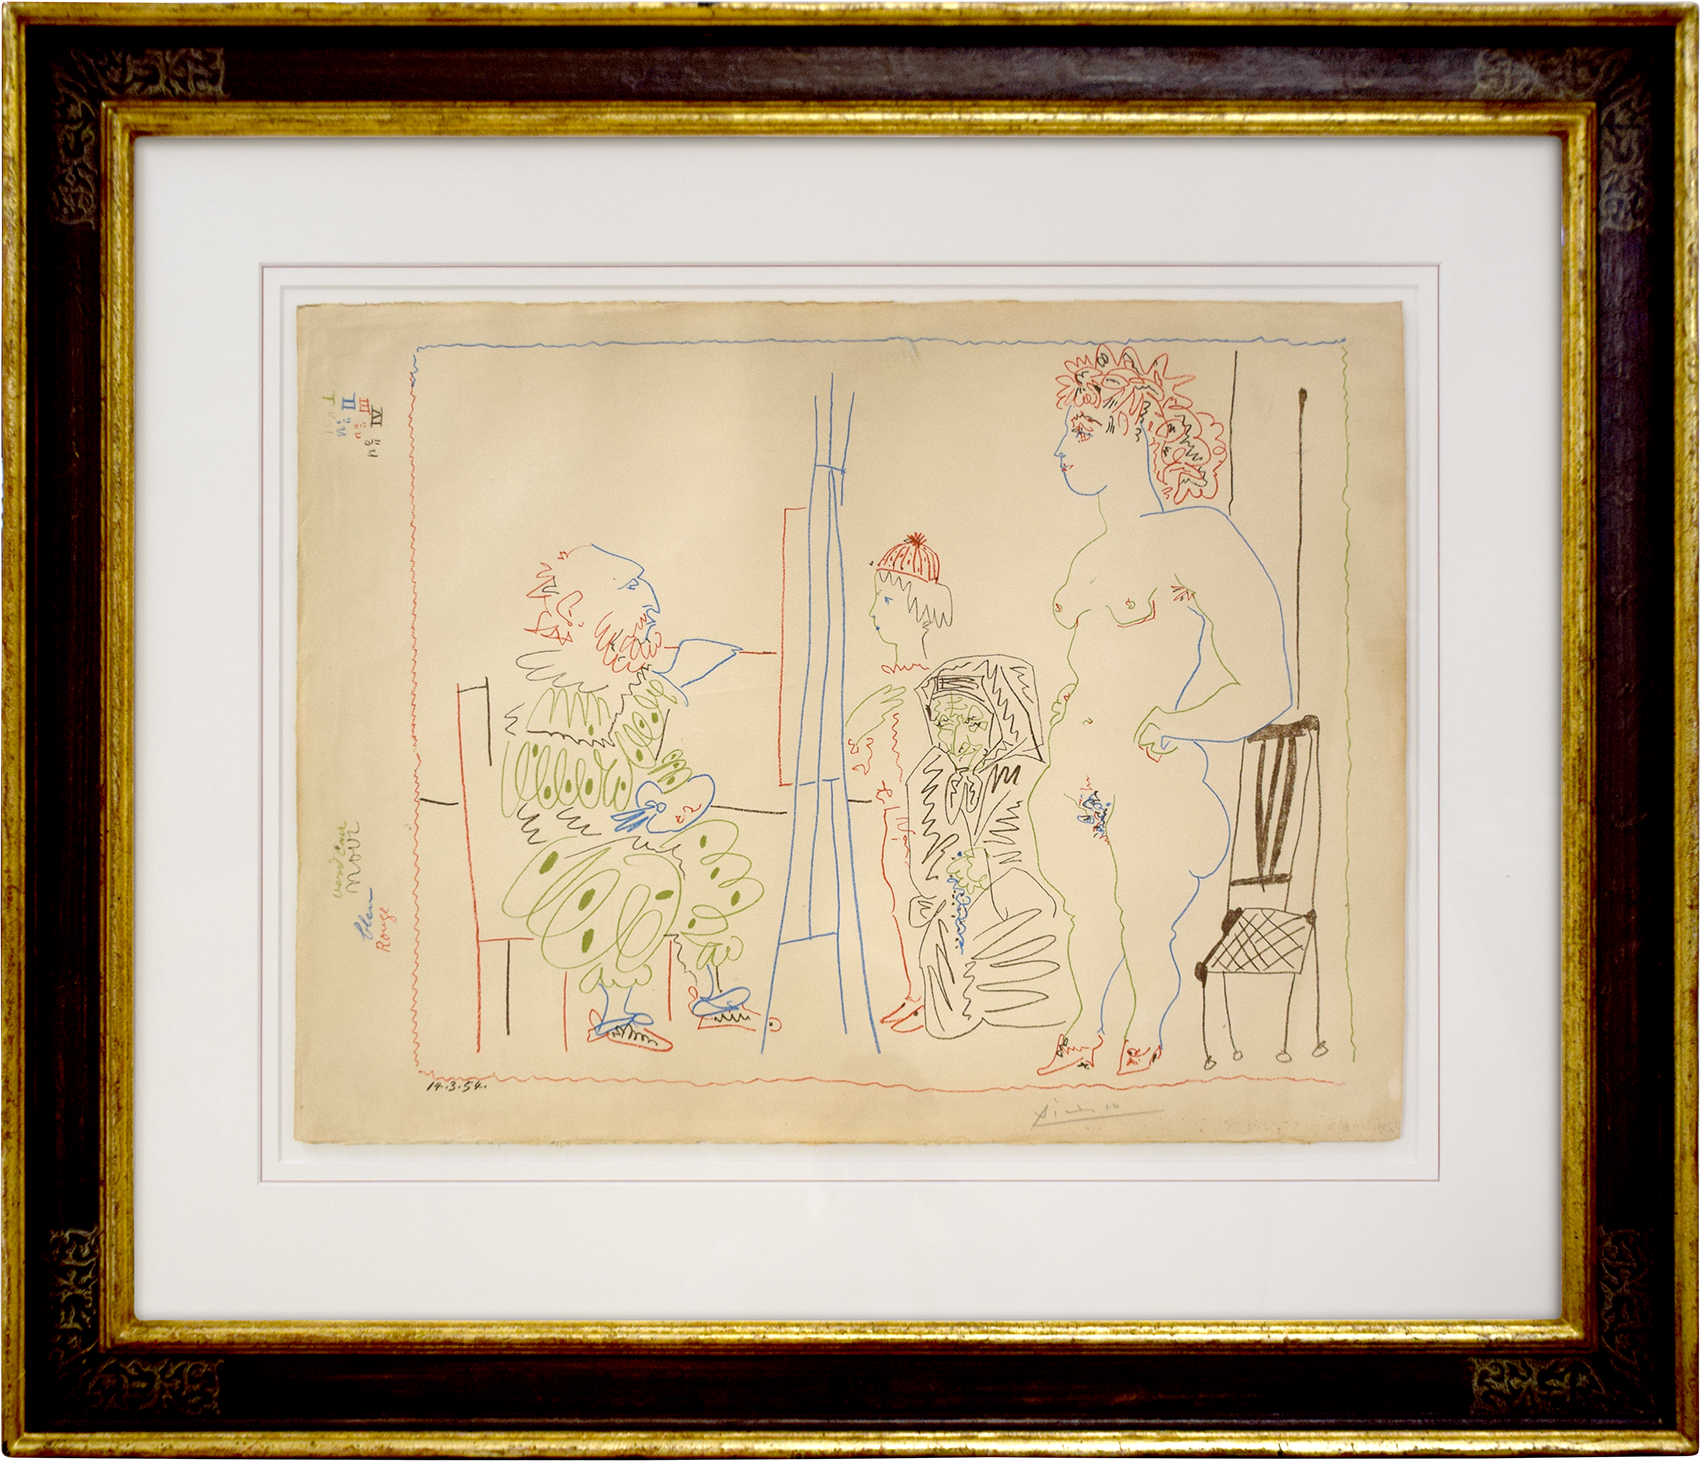 Pablo Picasso - Le Modèle et deux personnages , 0613-008-091